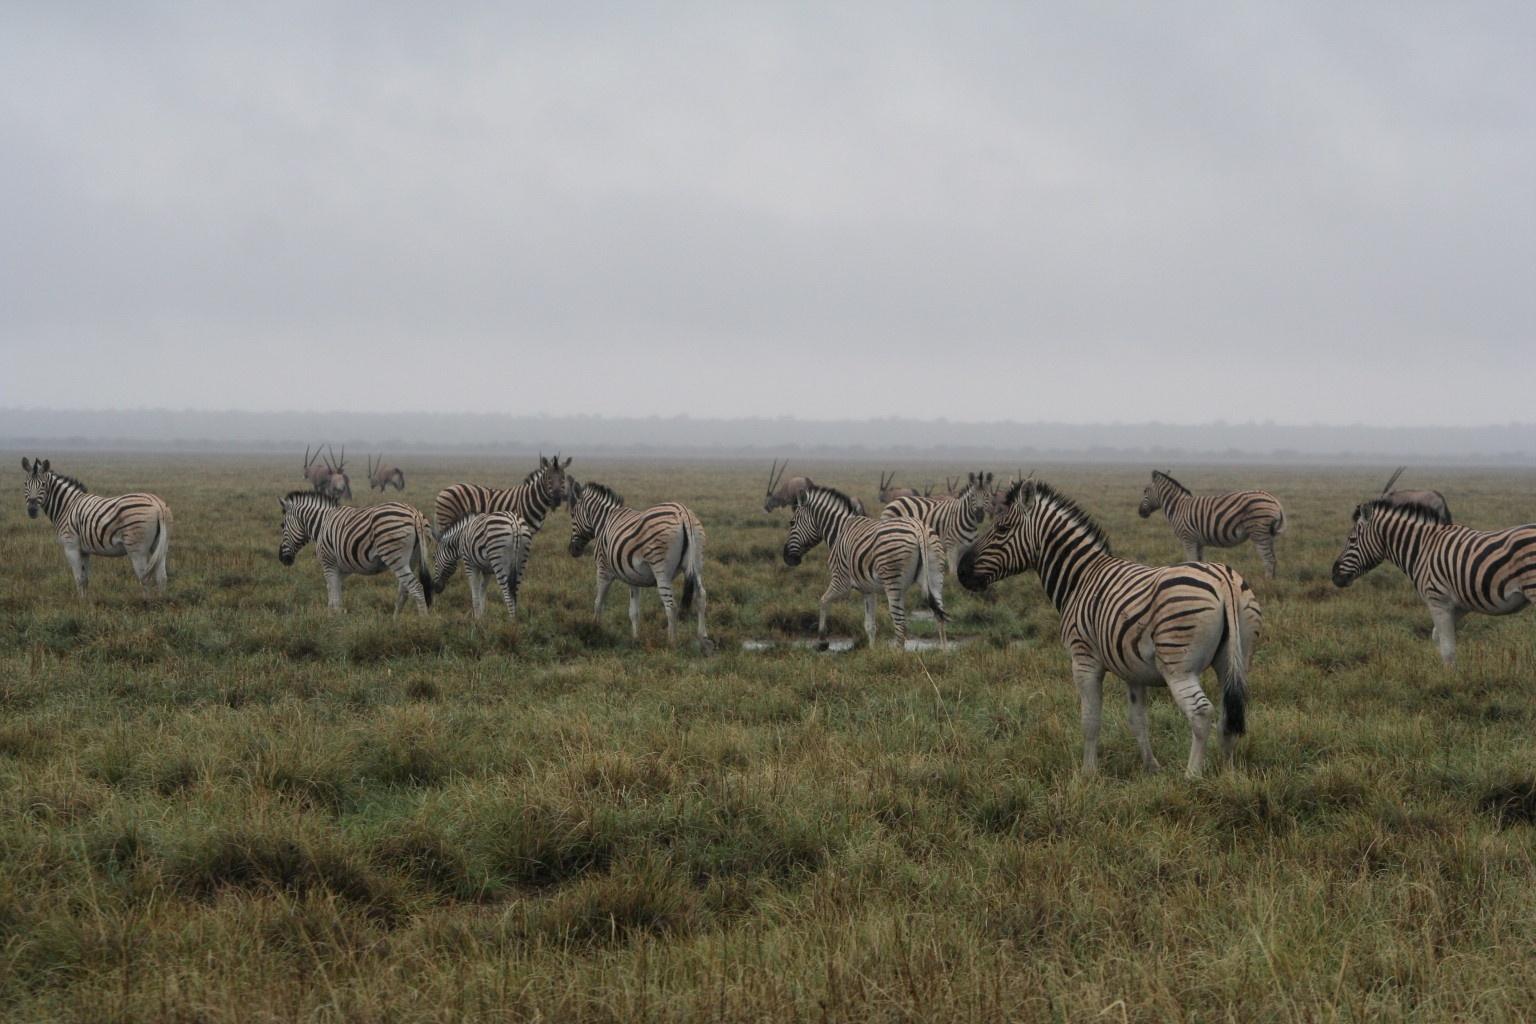 Rainy savannah